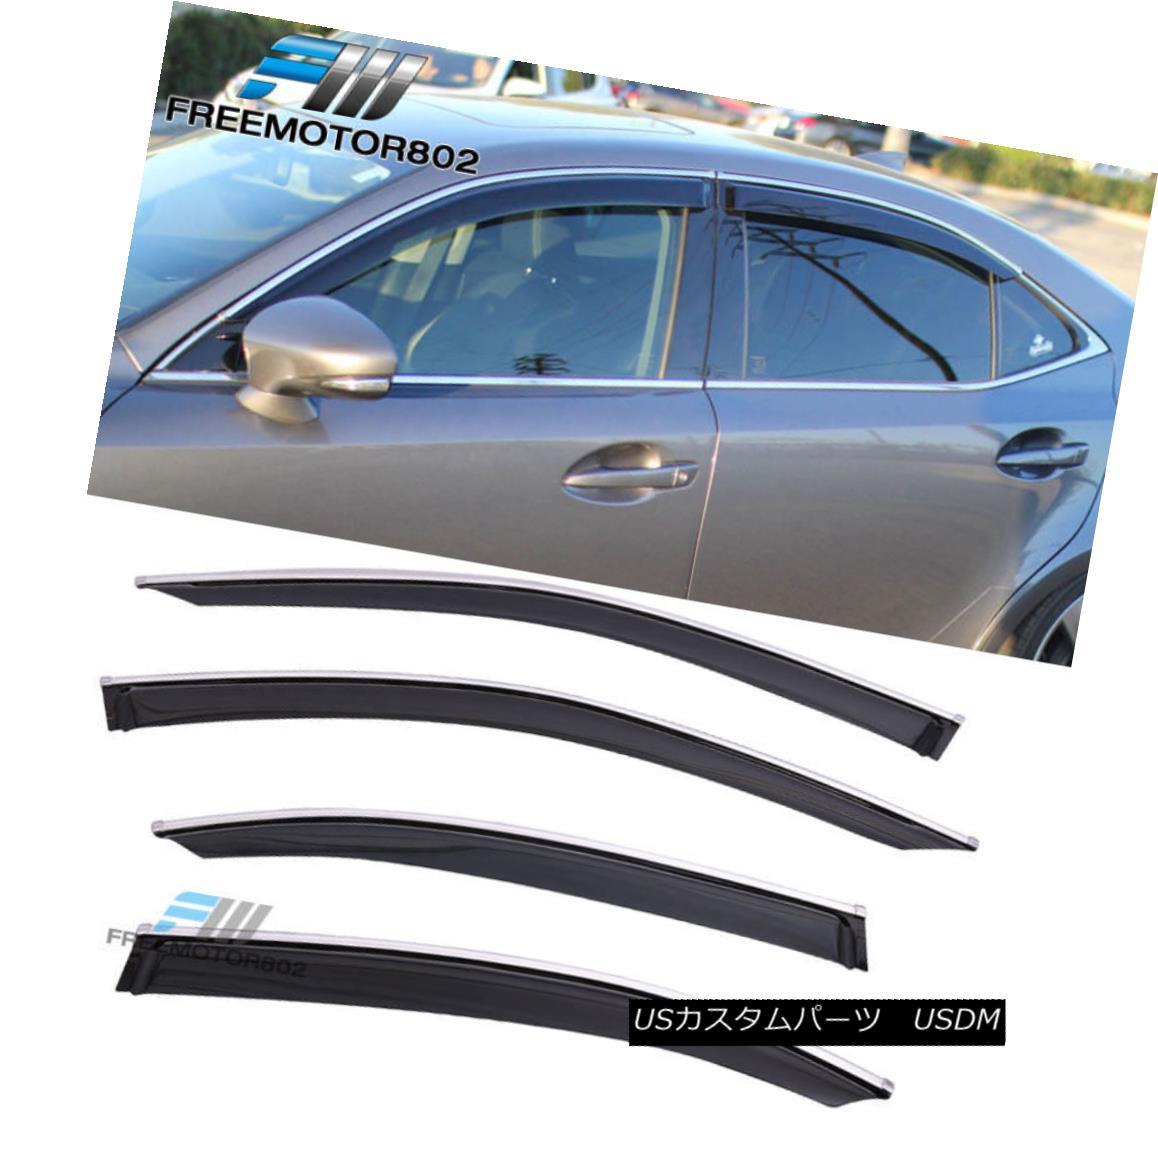 エアロパーツ For 14-16 Lexus IS250 IS350 Window Visor Shade Rain Sun Wind Guard Chrome Trim 14?16レクサスIS250 IS350ウインドバイザーシェードレインサンウインドガードクロームトリム